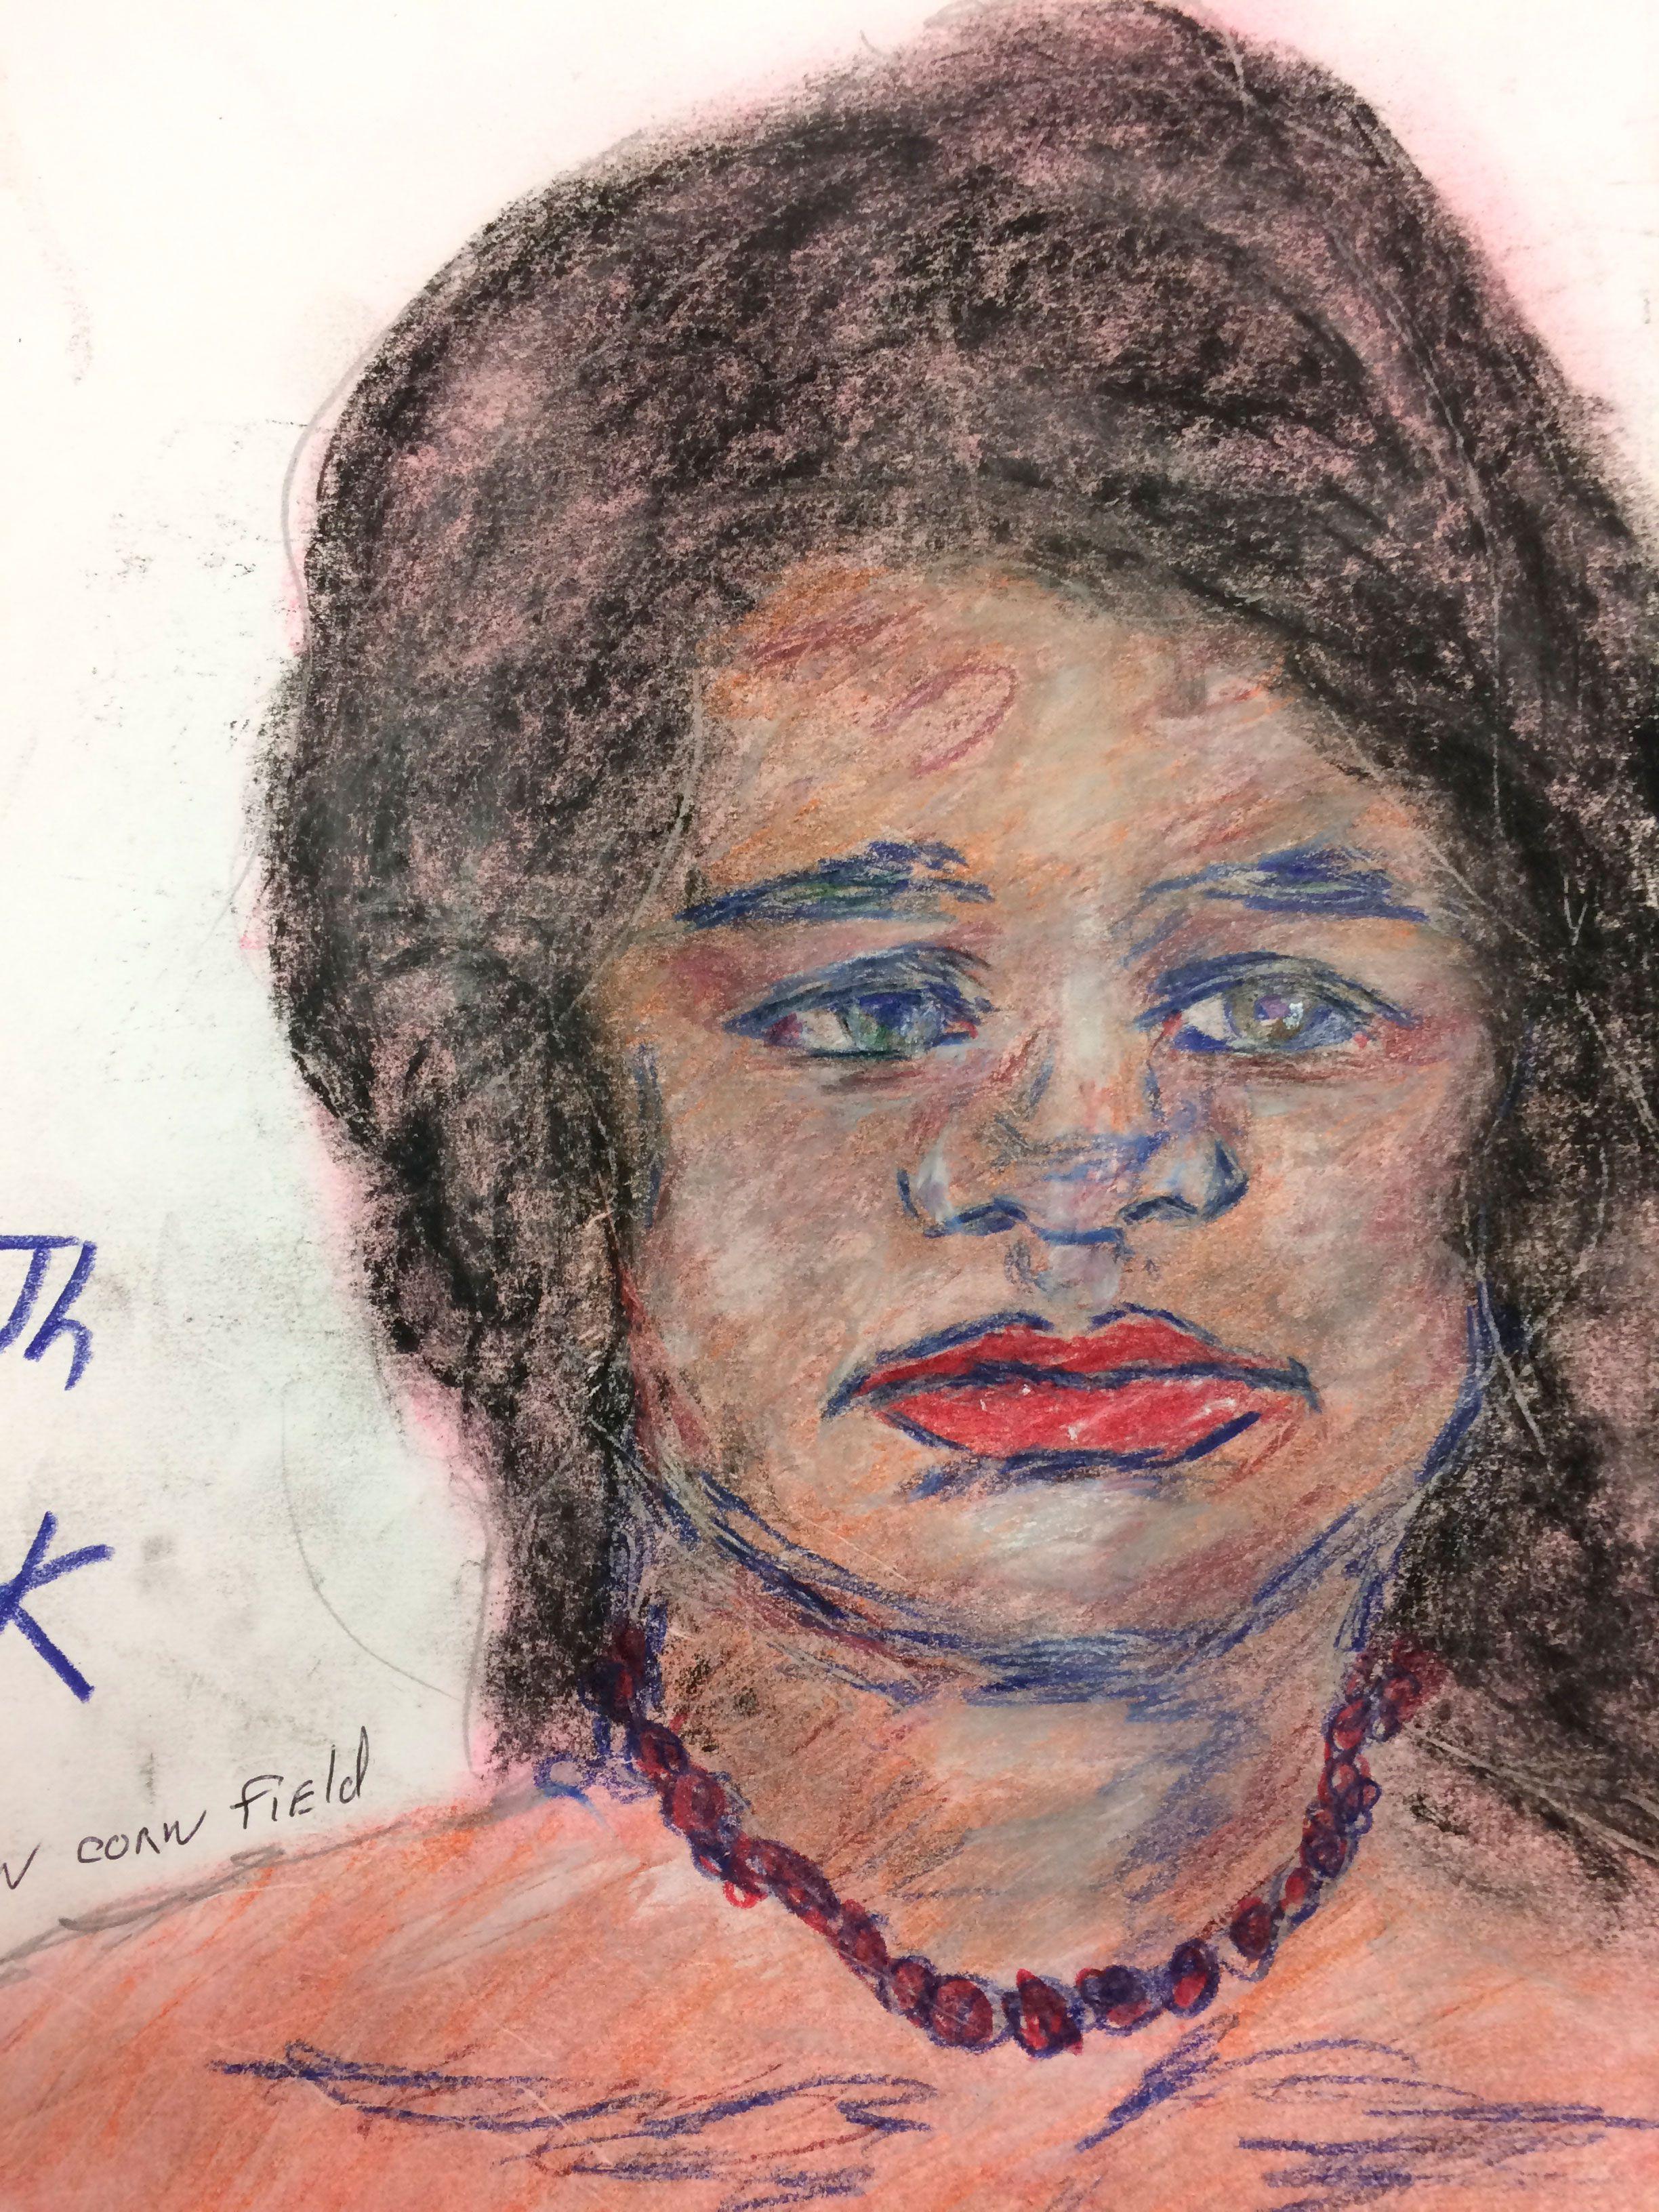 Ruth, otra de las mujeres que padecieron a Samuel Little. La habría matado entre 1992 y 1994 en Arkansas (FBI)